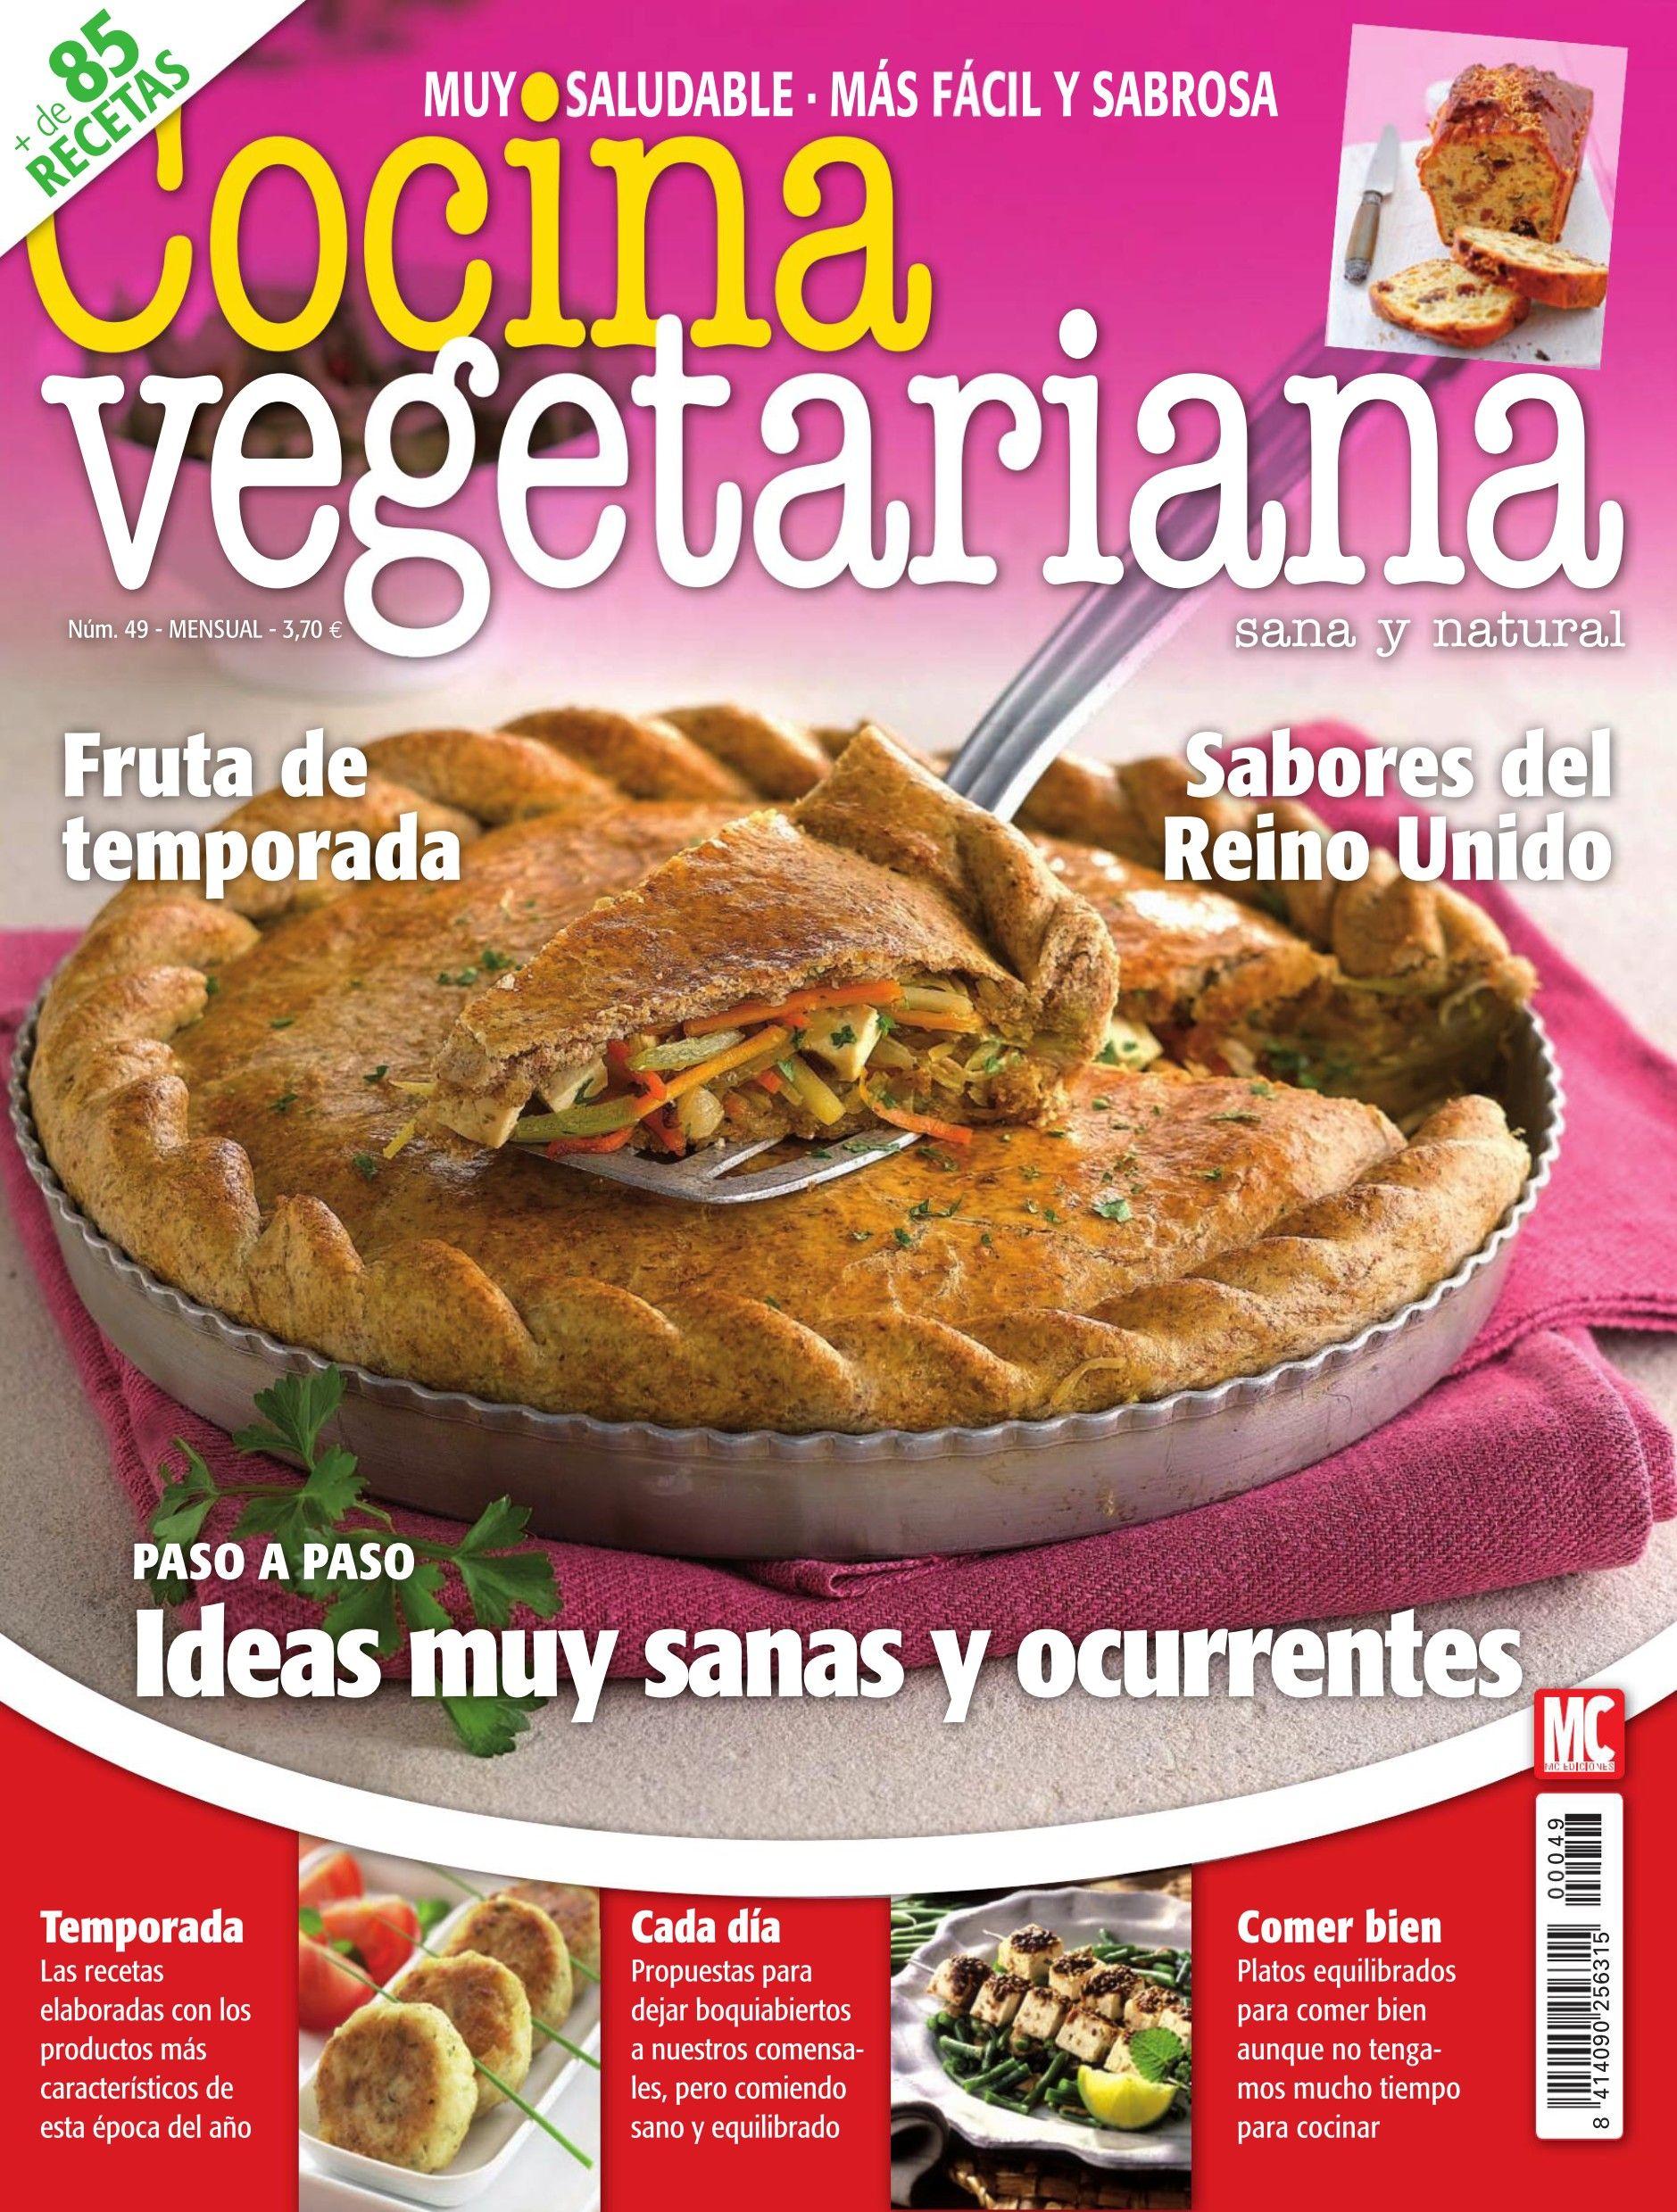 Cocina Vegetariana Revista | Revista Cocina Vegetariana 49 Frutas De Temporada Ideas Muy